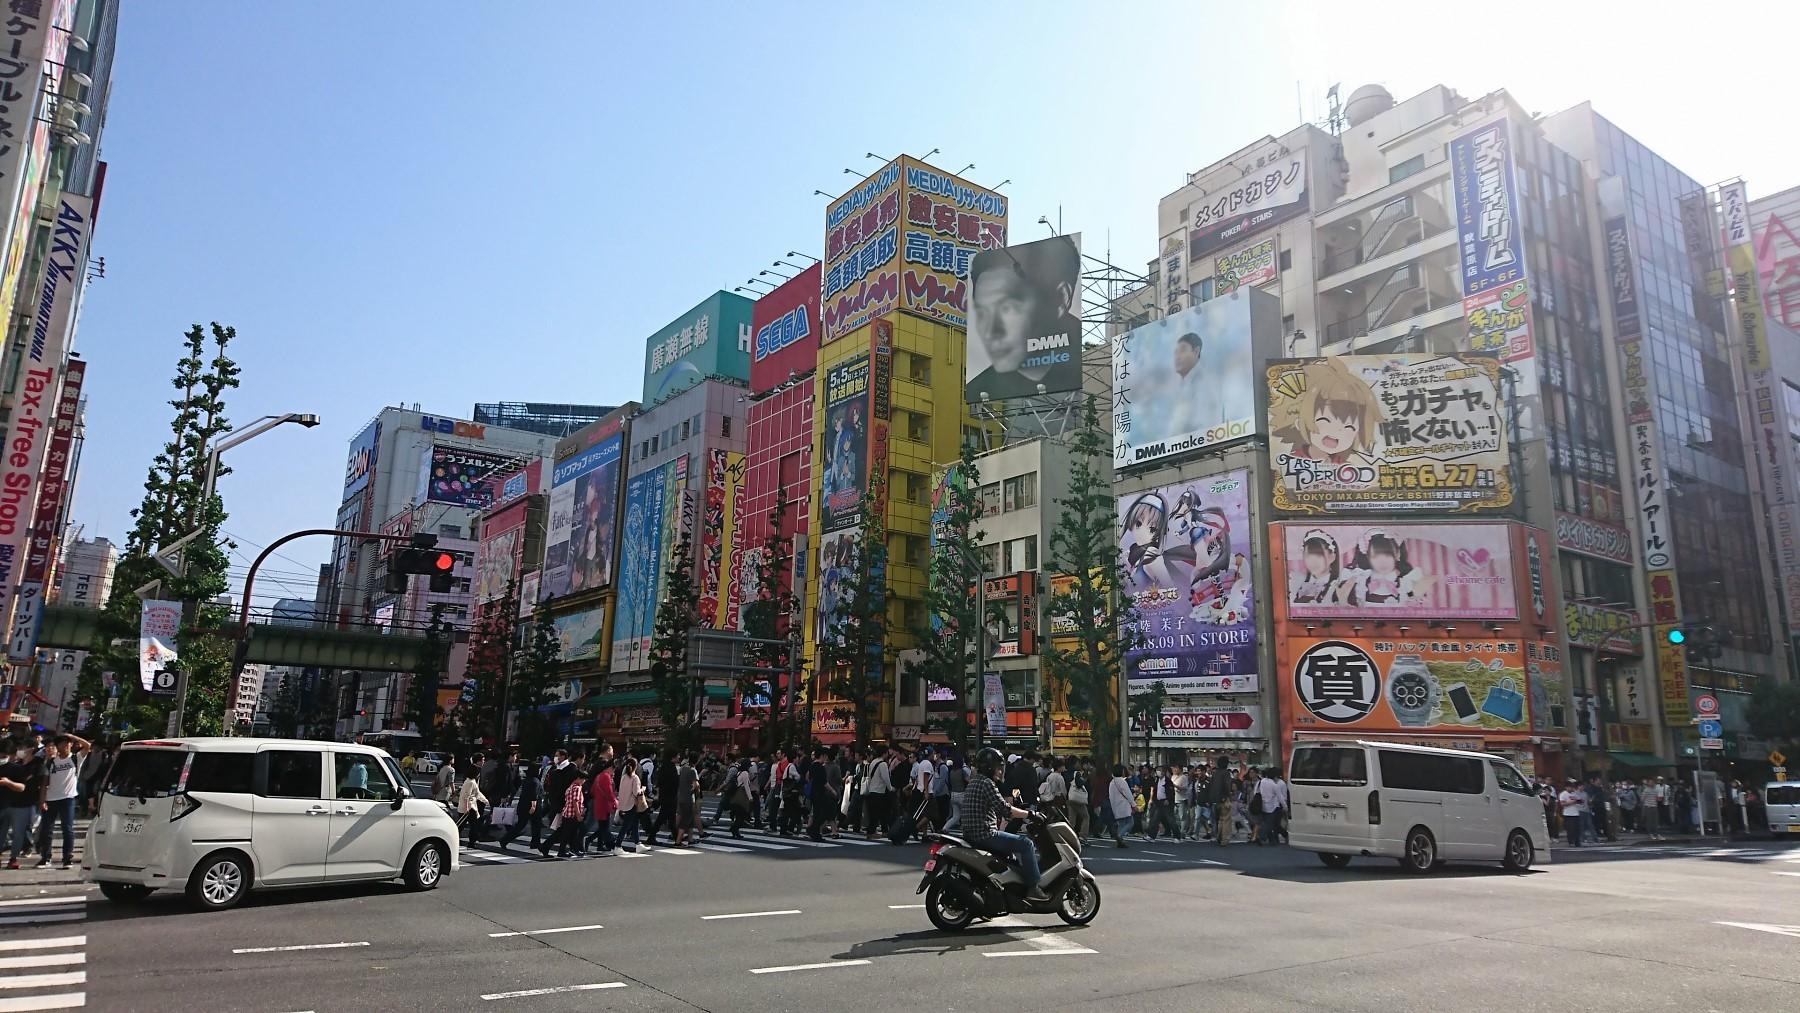 「街」のデジタルサイネージ(秋葉原編)07_中央通り